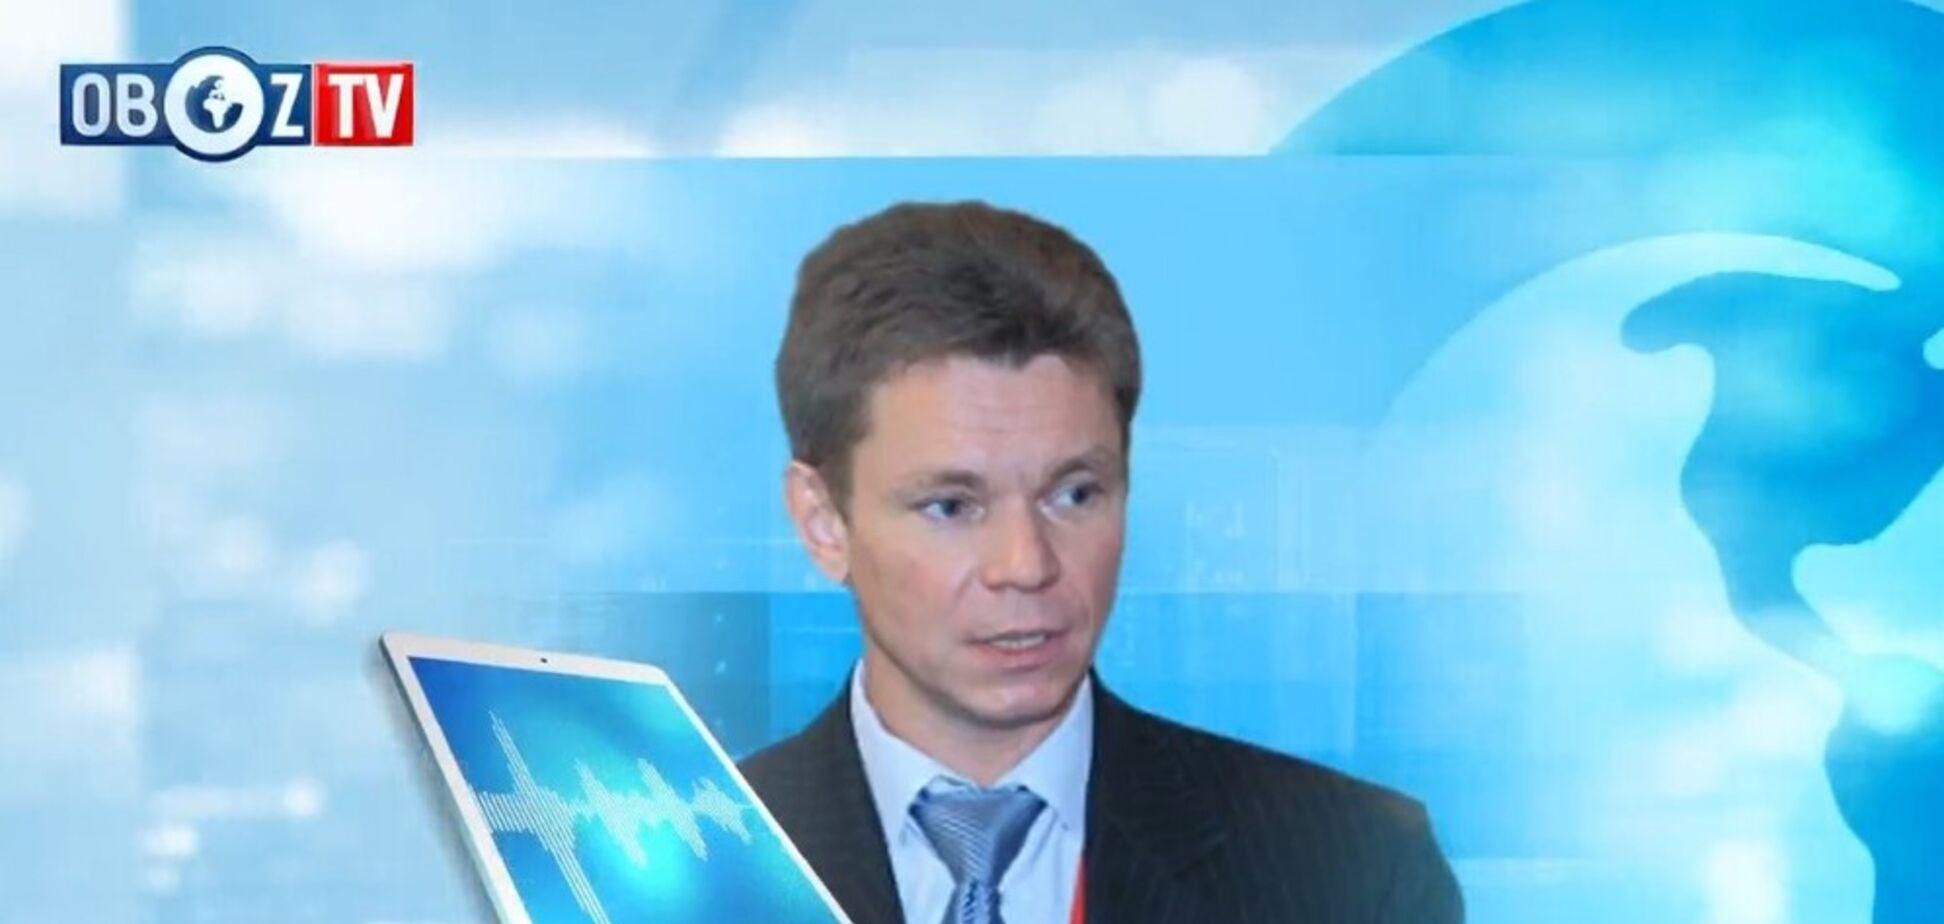 Как коронавирус повлияет на экономику Украины: комментарий экономиста